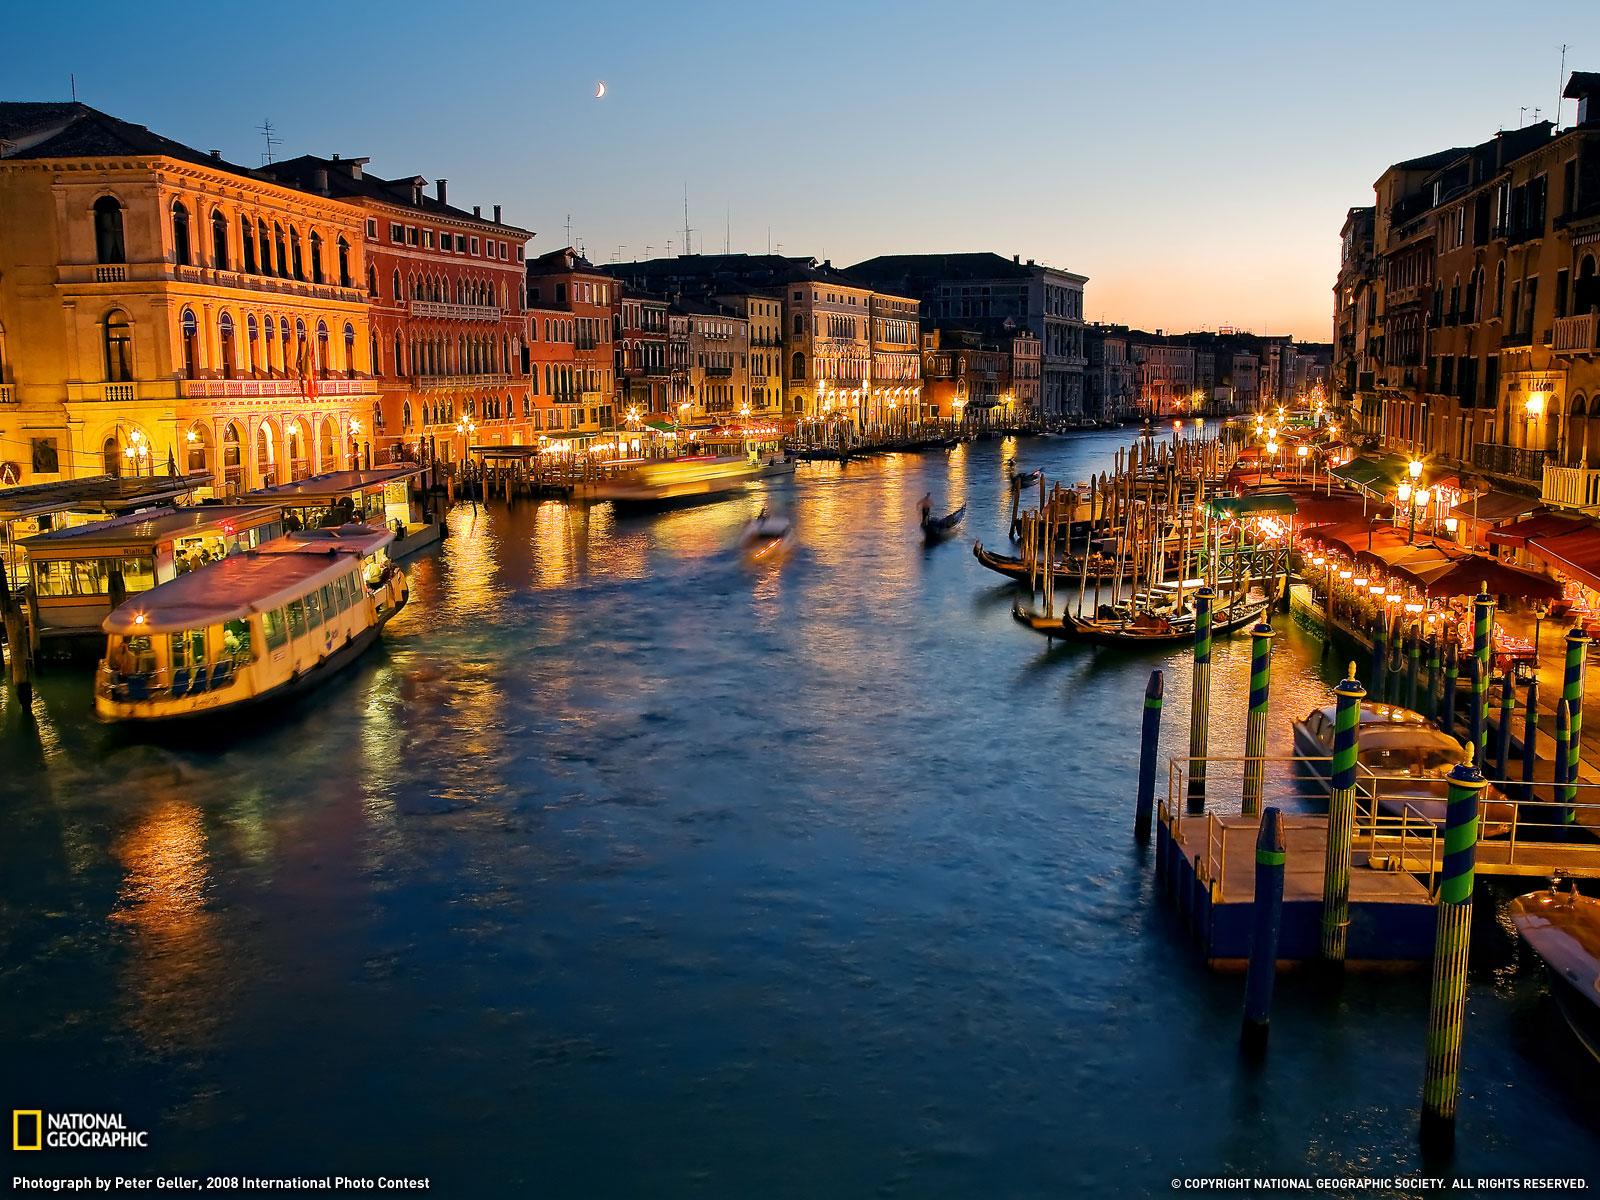 http://2.bp.blogspot.com/-V90TXQrdKIE/TixZipPvB2I/AAAAAAAAAI8/LQ0MaQqcvlk/s1600/City+Venice+Wallpapers+2.jpg